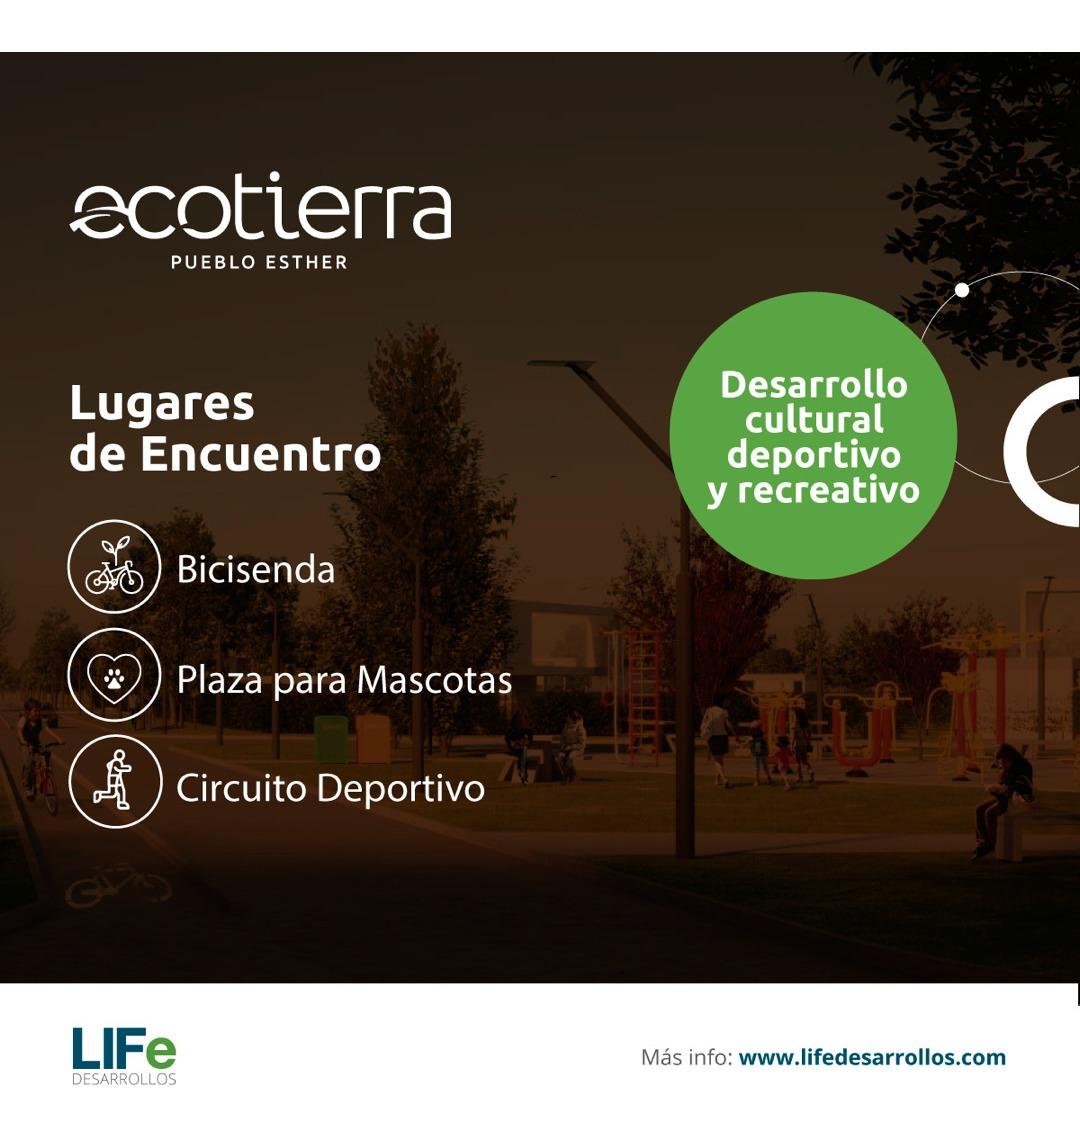 terreno de 300 m2 en pueblo esther - financiacion en 36 cuotas ecotierra